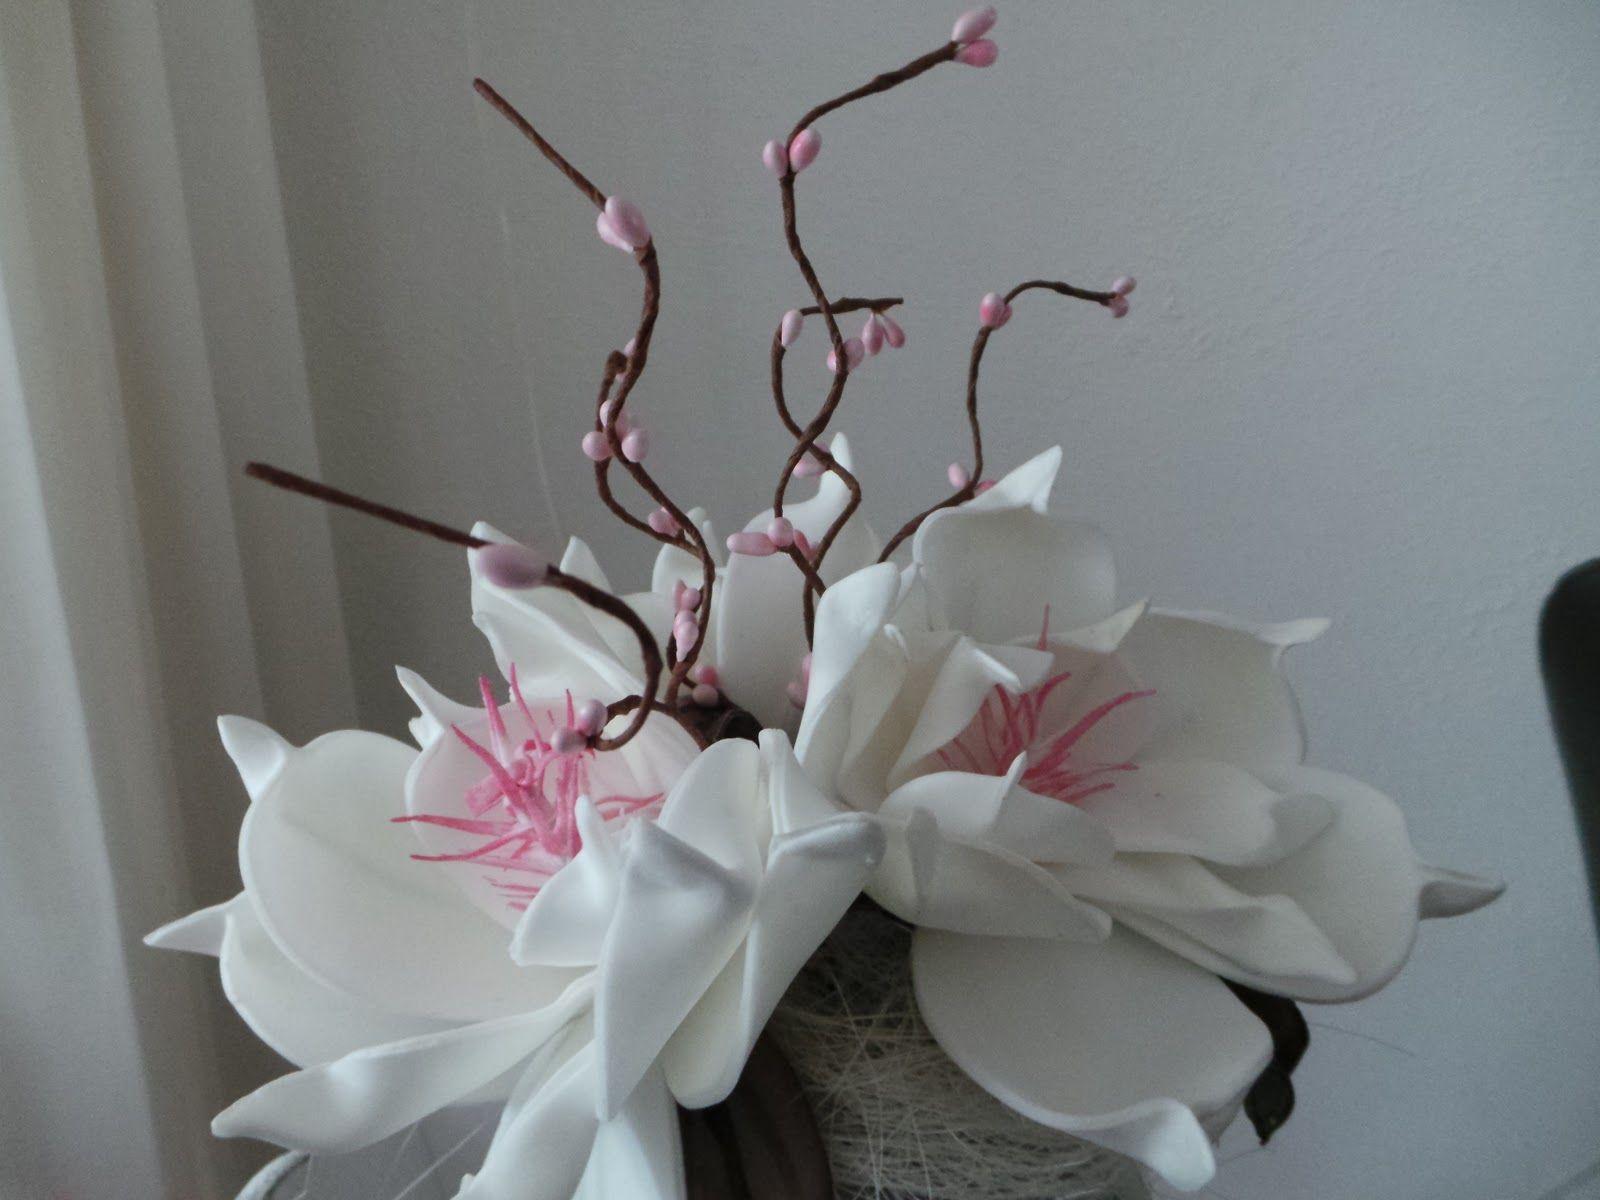 foam bloemen maken - Google zoeken